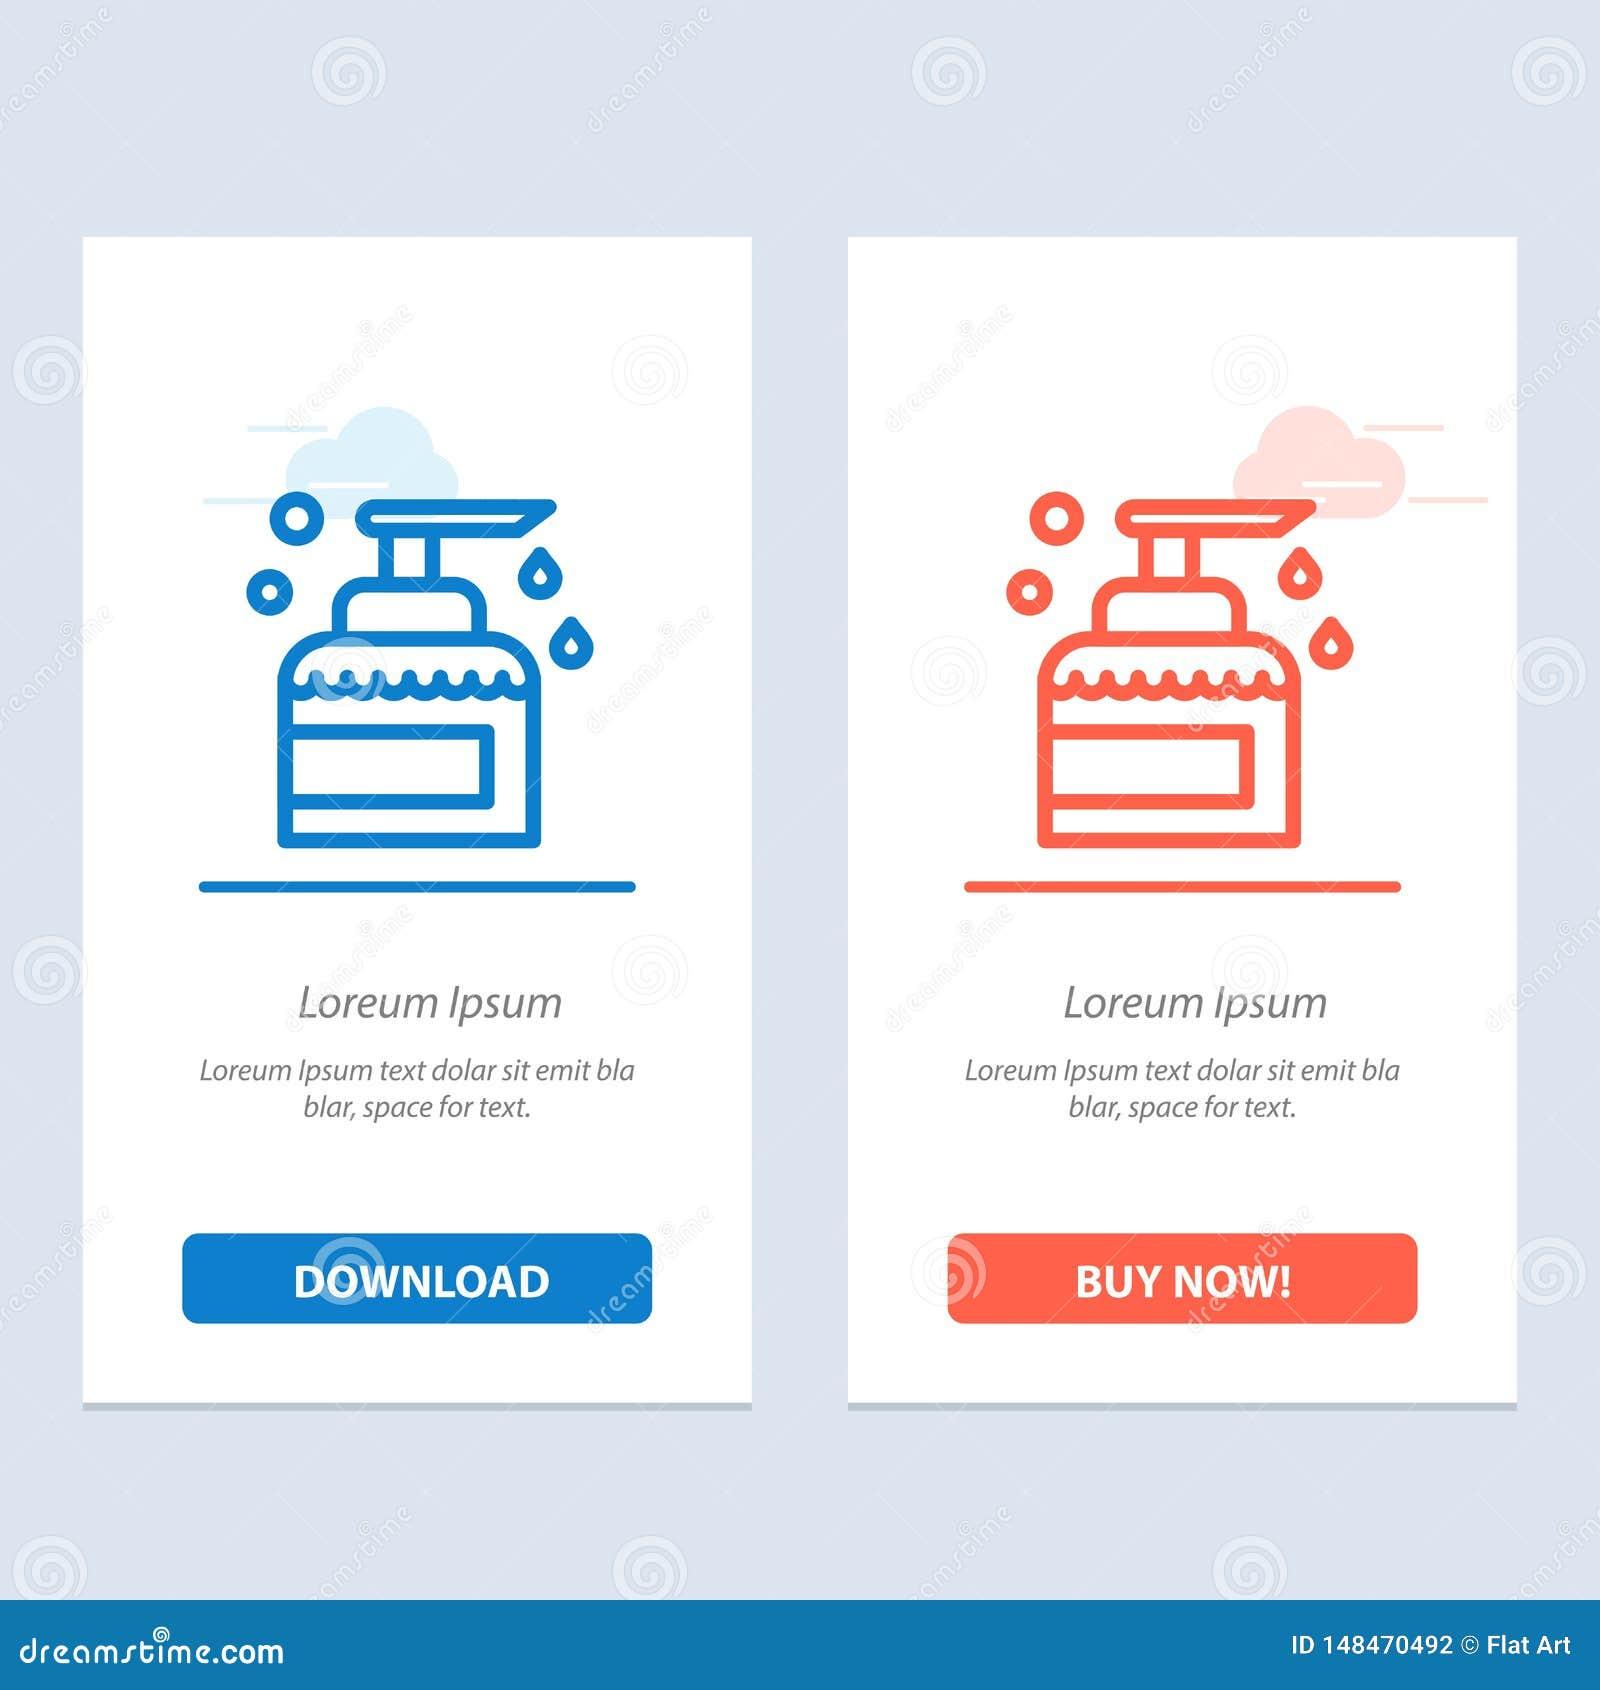 Чистка, дом, держать, продукт, синь брызг и красная загрузка и купить теперь шаблон карты приспособления сети